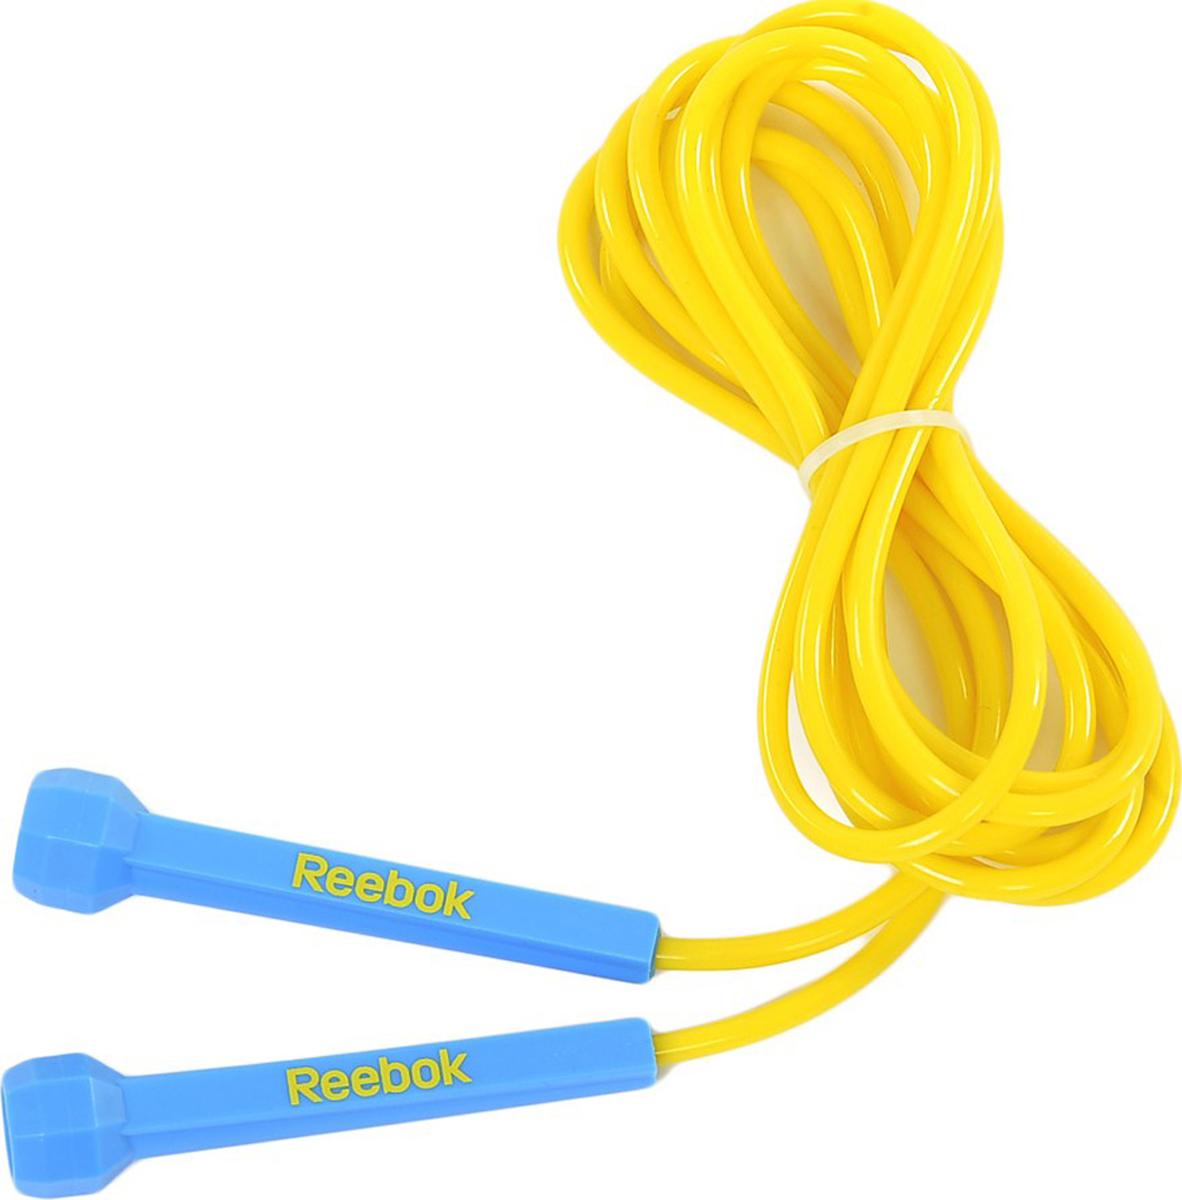 Скакалка Reebok, цвет: голубой, 3 мRARP-11081CYЭта скакалка адаптируется к любому пользователю путем простого изменения длины; она легкая и быстрая, что позволяет концентрироваться на тренировках скорости ног, а не на развитии верхнего плечевого пояса. Подход к дизайну ручек основан на минимализме, вы можете держать ручку буквально двумя пальцами, что ведет к реальной легкости движений.